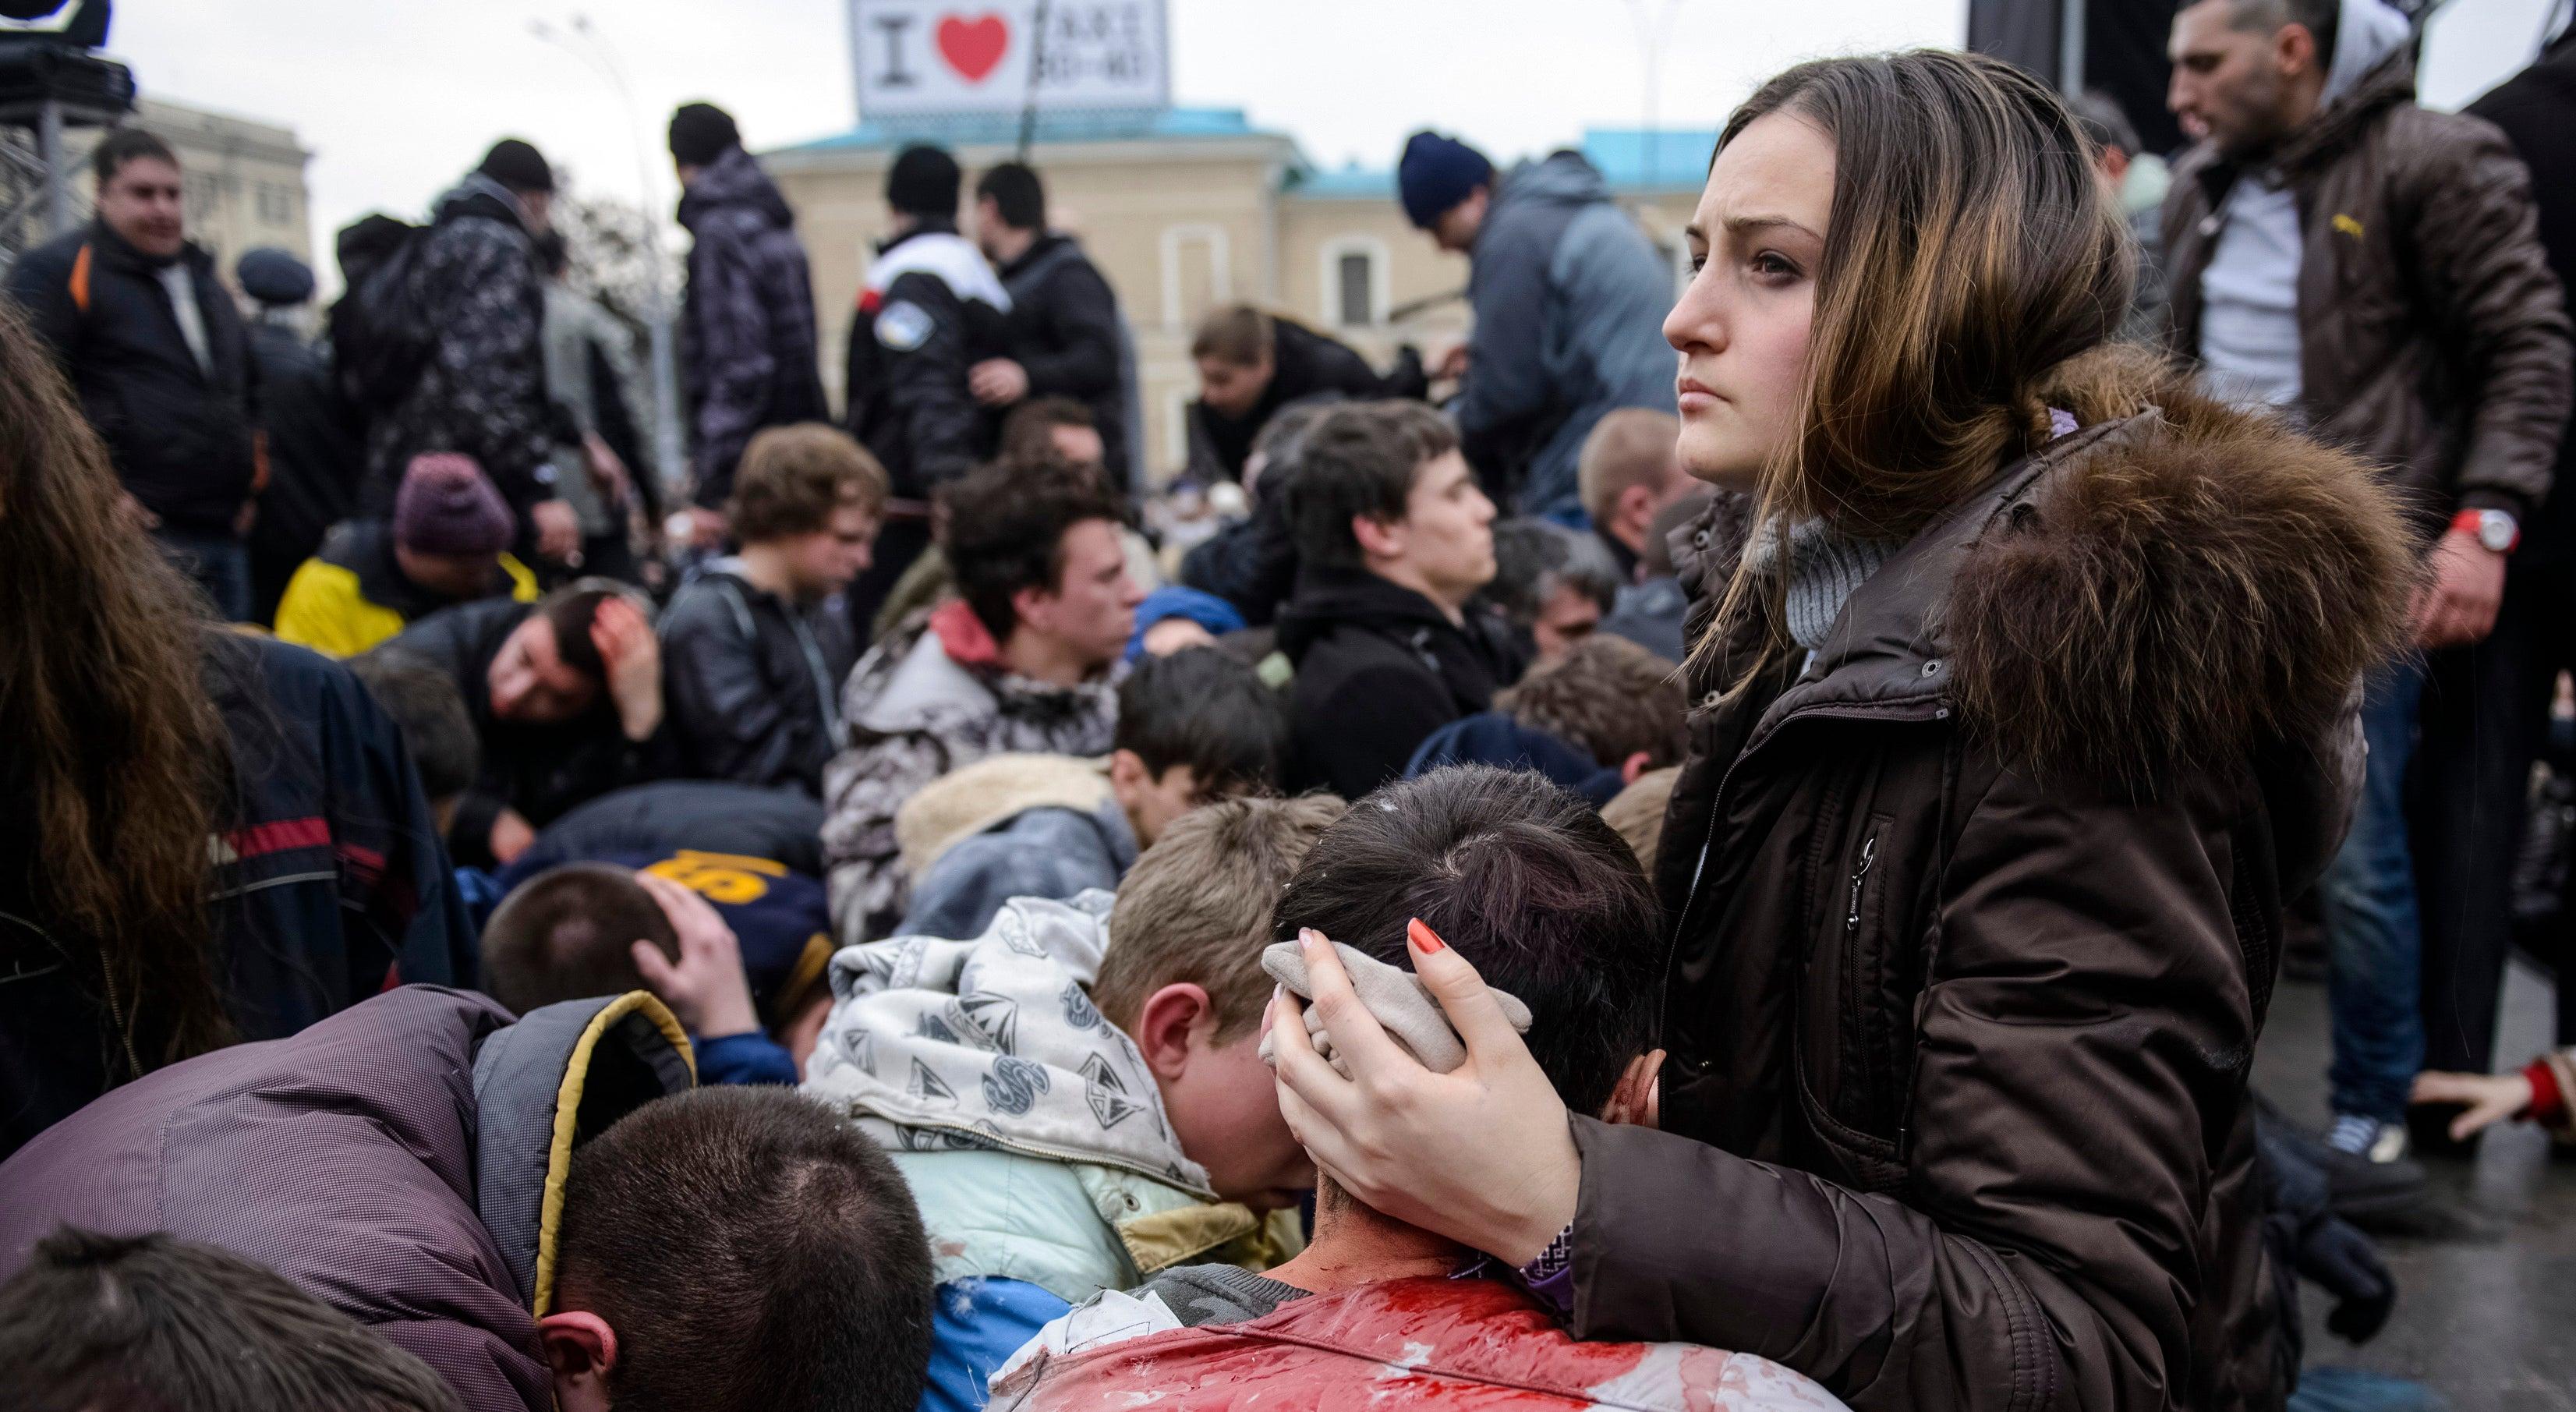 Esta � a 1� situa��o de tens�o Europa-EUA/R�ssia, destaca Jos� Lu�s Arnaut